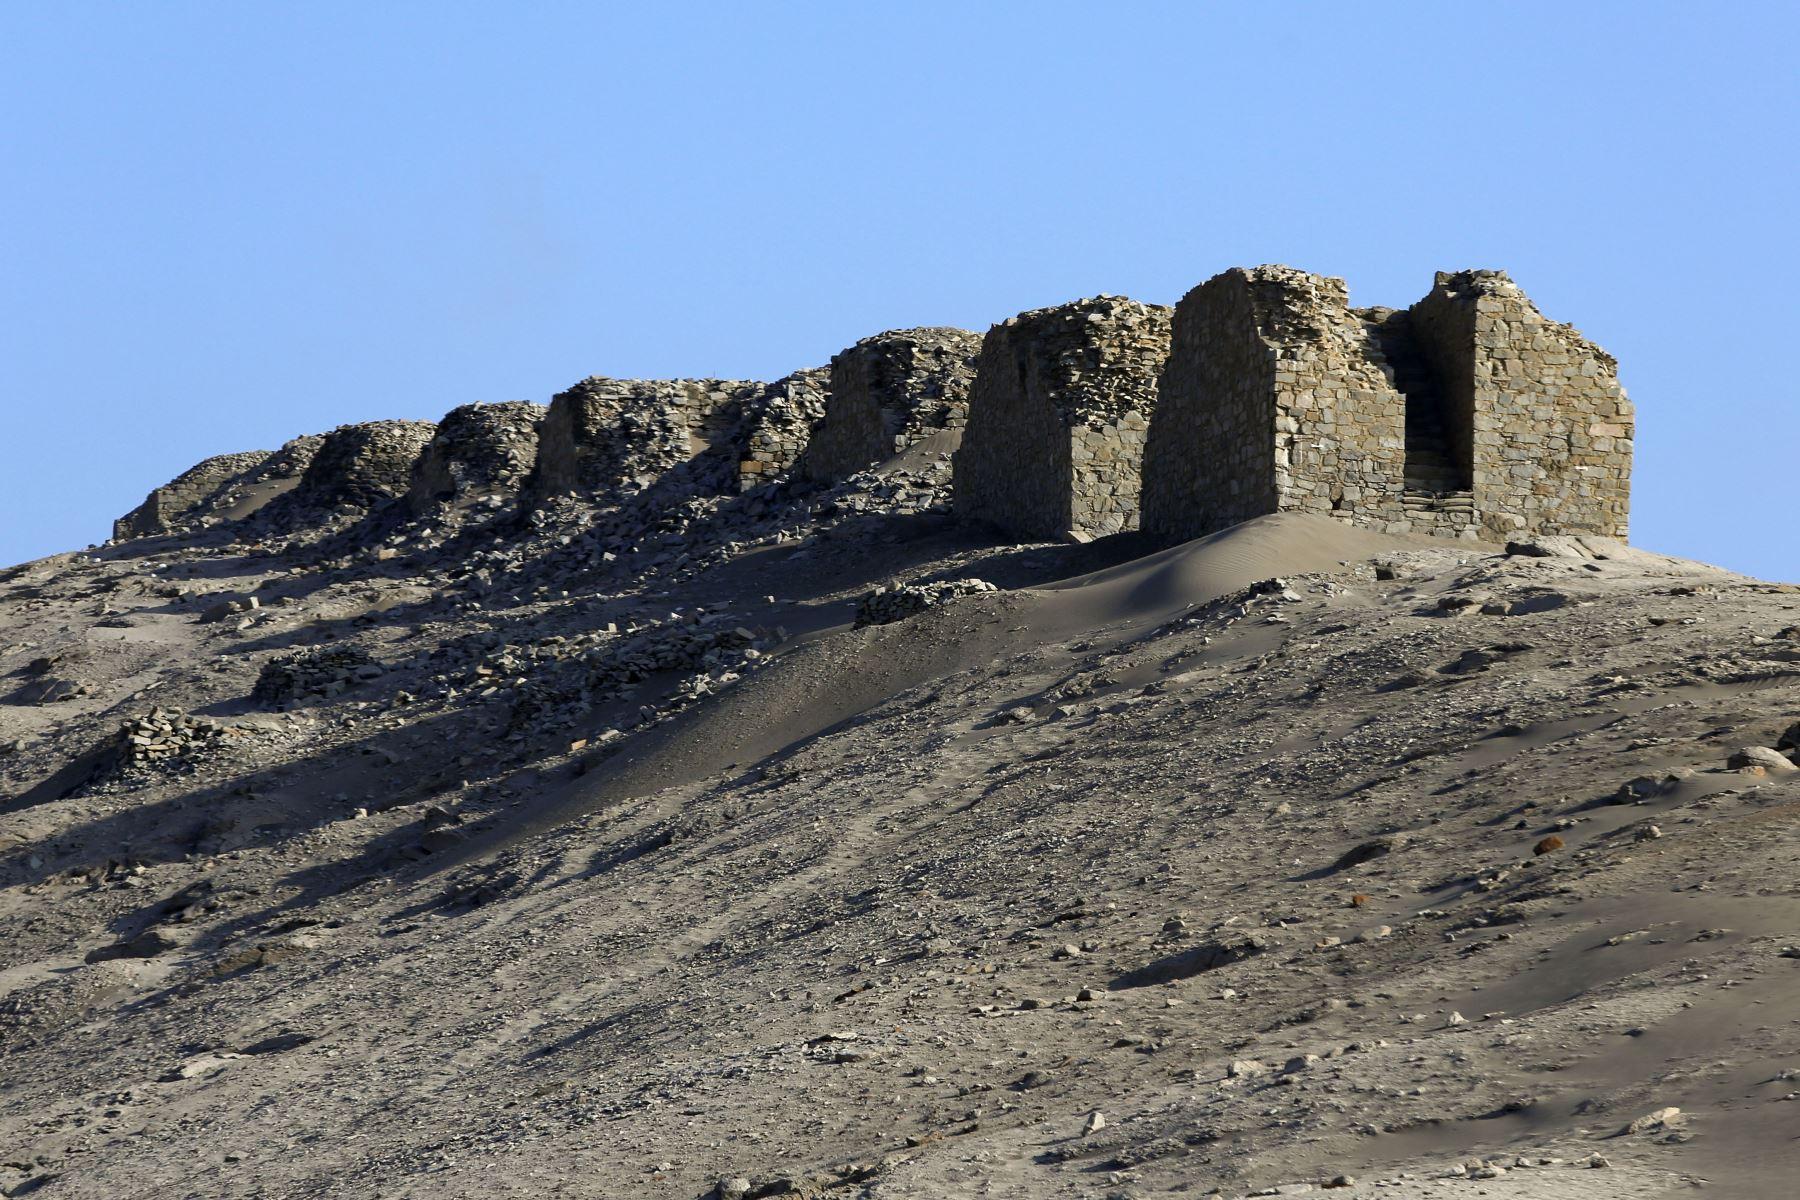 El complejo de Chankillo, hecho de piedra, está conformado por un centro ceremonial, una plaza y 13 torres construidas en hilera en una colina cercana en dirección de norte a sur  Foto: AFP